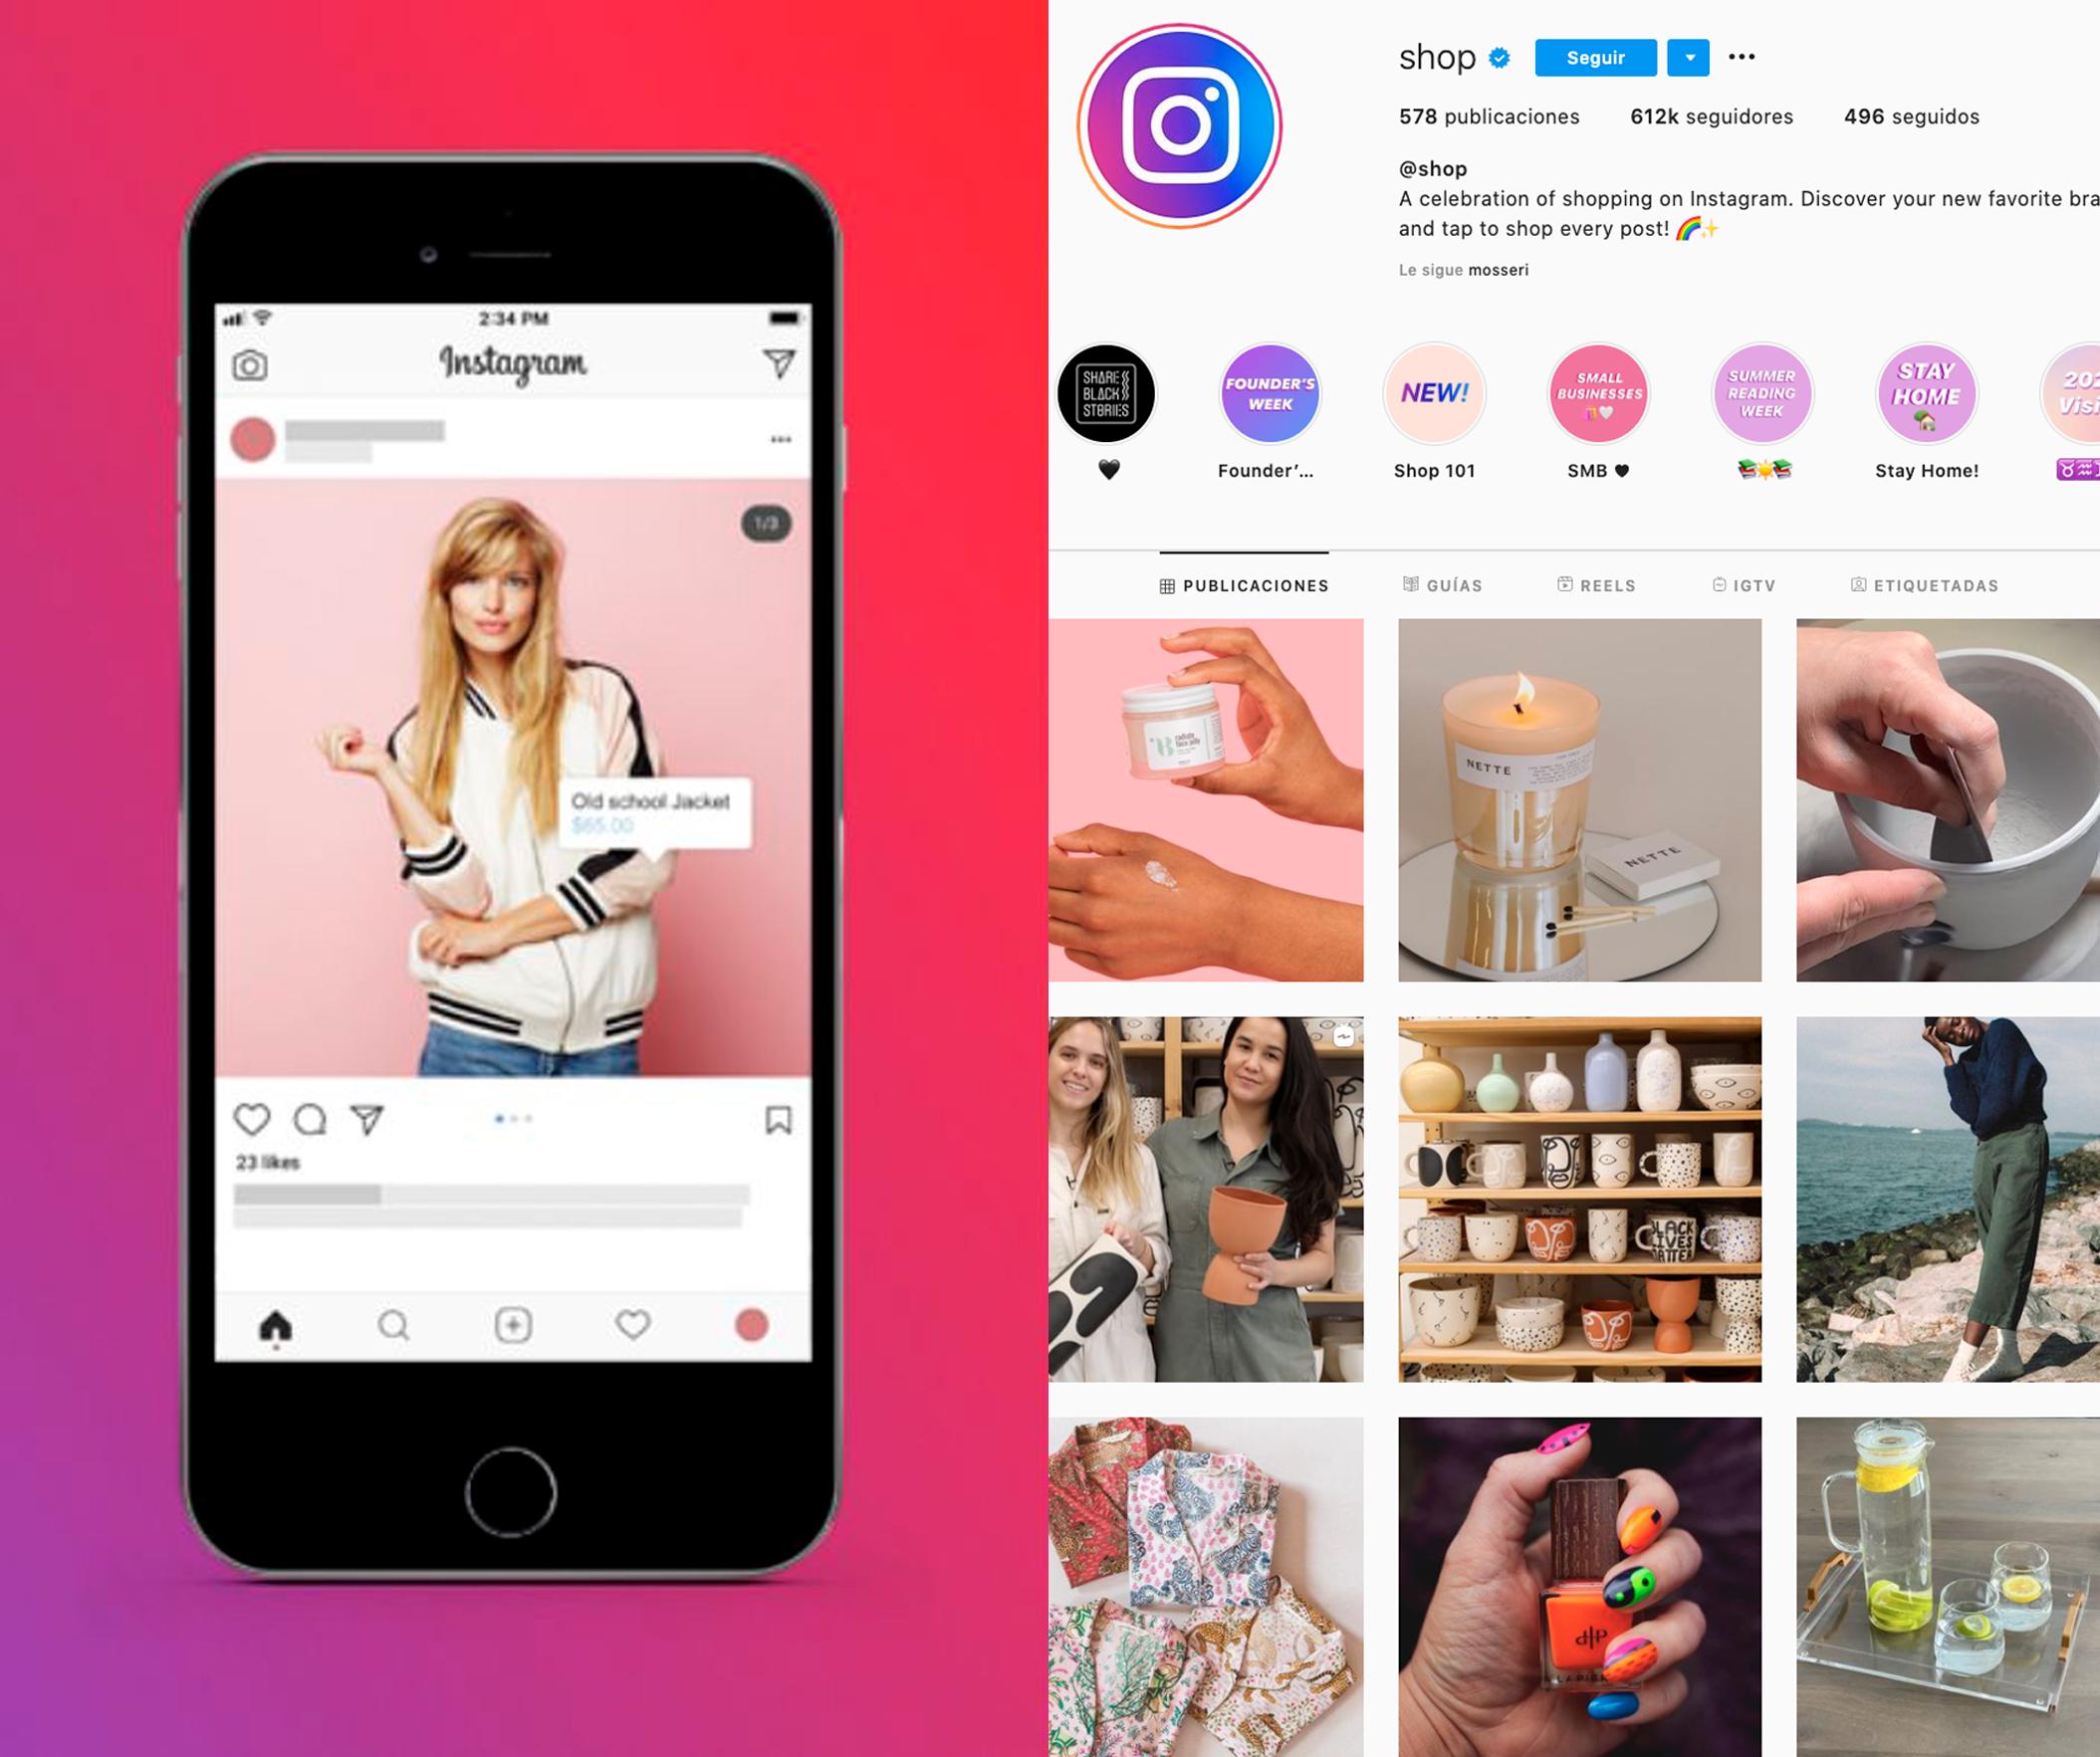 Comercialice su pequeño negocio en redes sociales